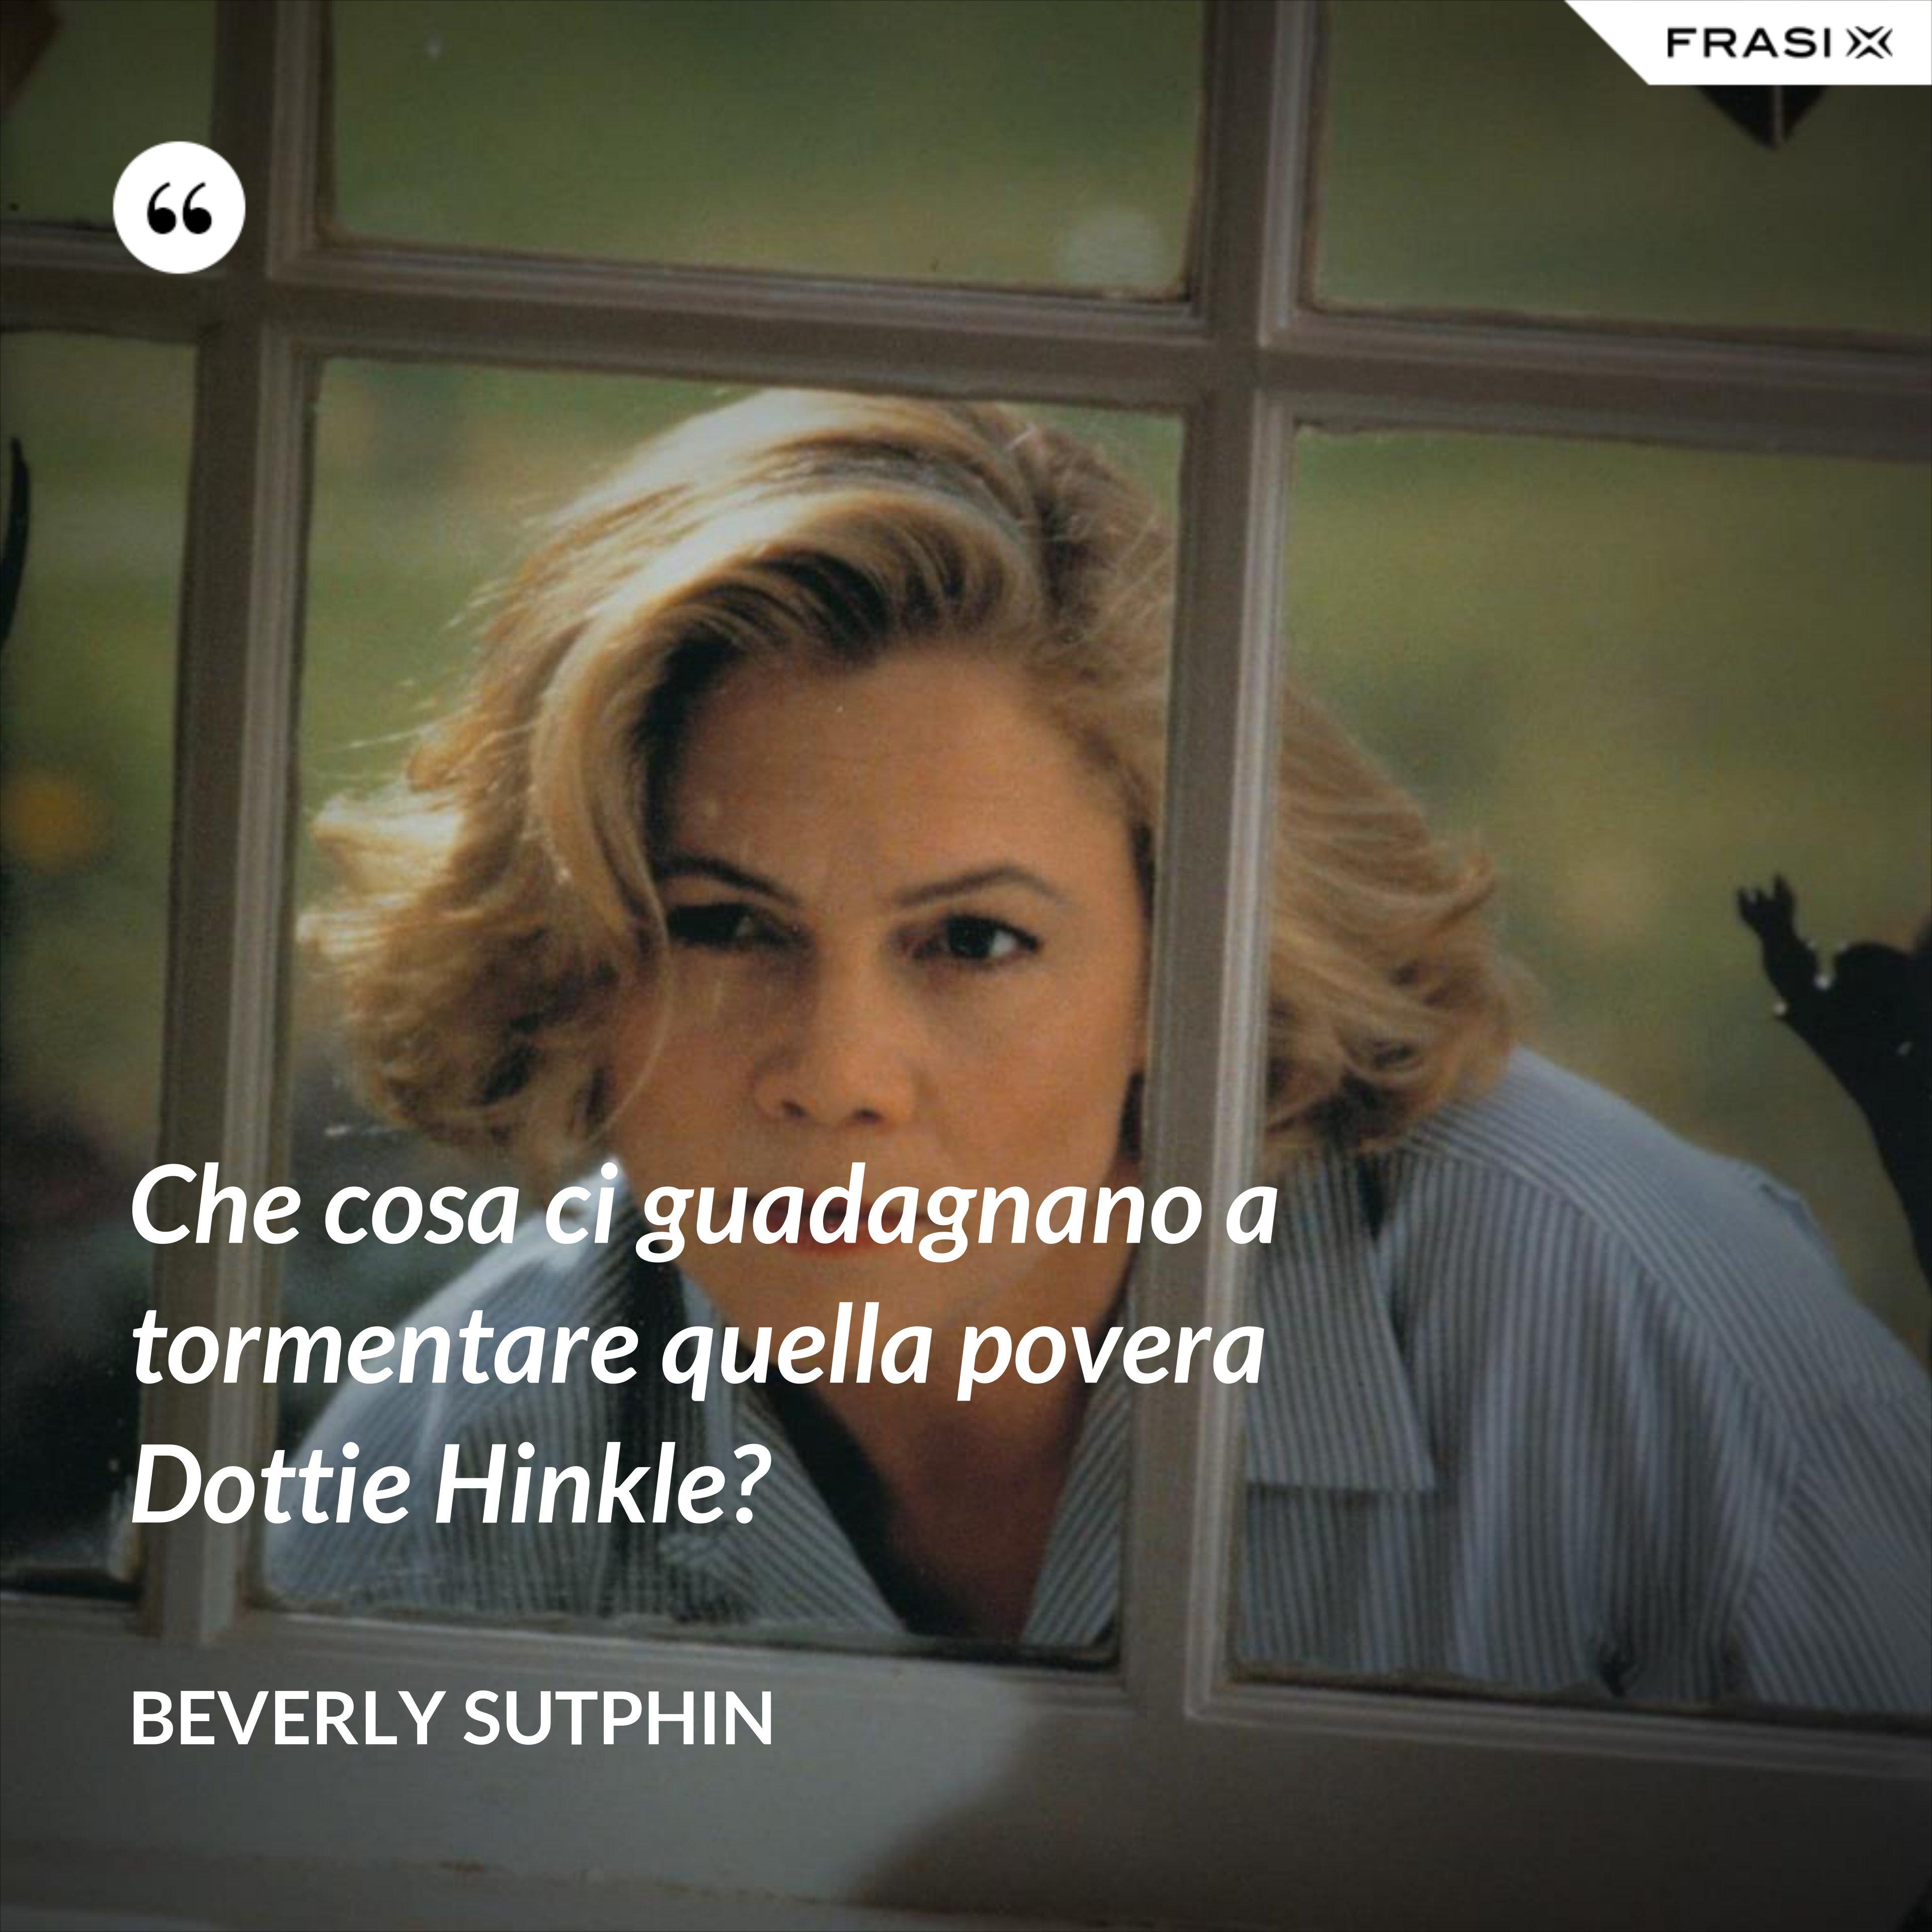 Che cosa ci guadagnano a tormentare quella povera Dottie Hinkle? - Beverly Sutphin